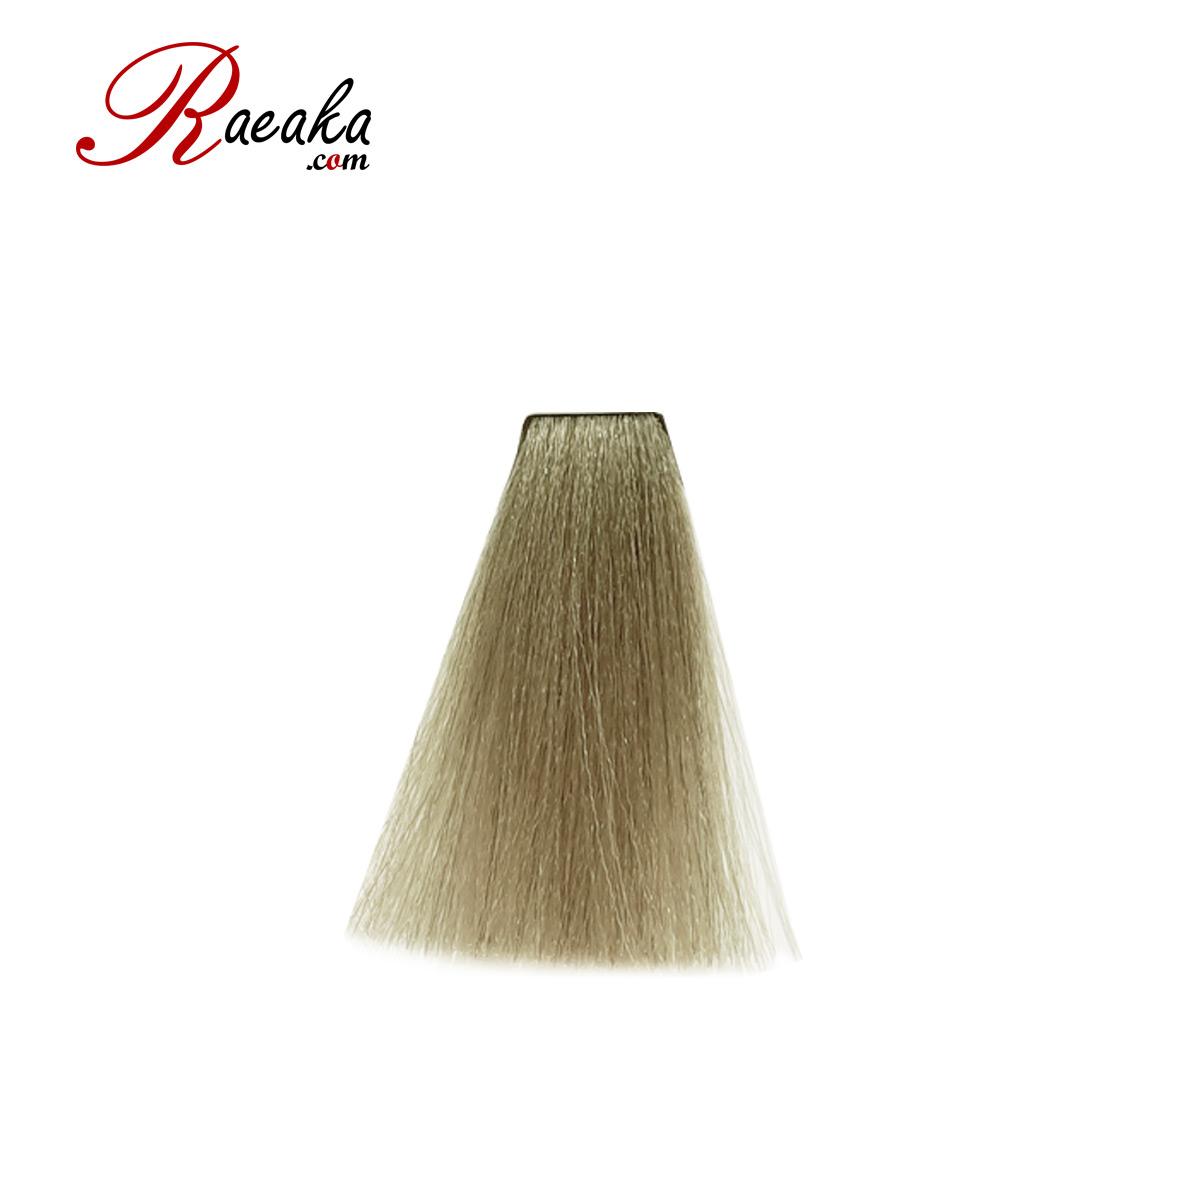 رنگ مو دوشس سری هلویی شماره 13-8 حجم 125 میلی لیتر